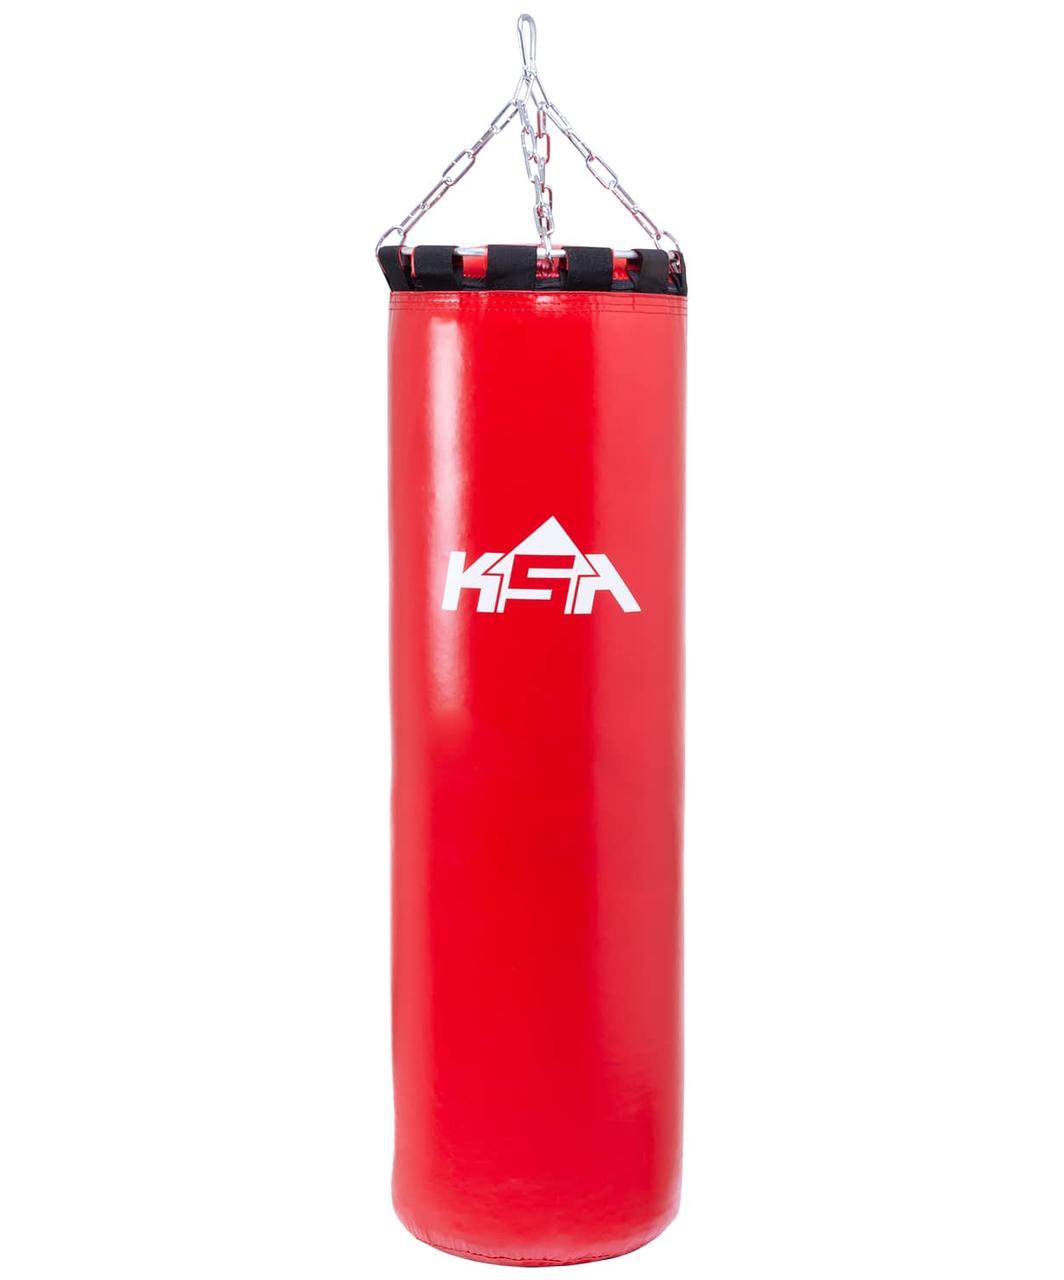 Мешок боксерский груша 150 см, 80 кг, тент, красный KSA